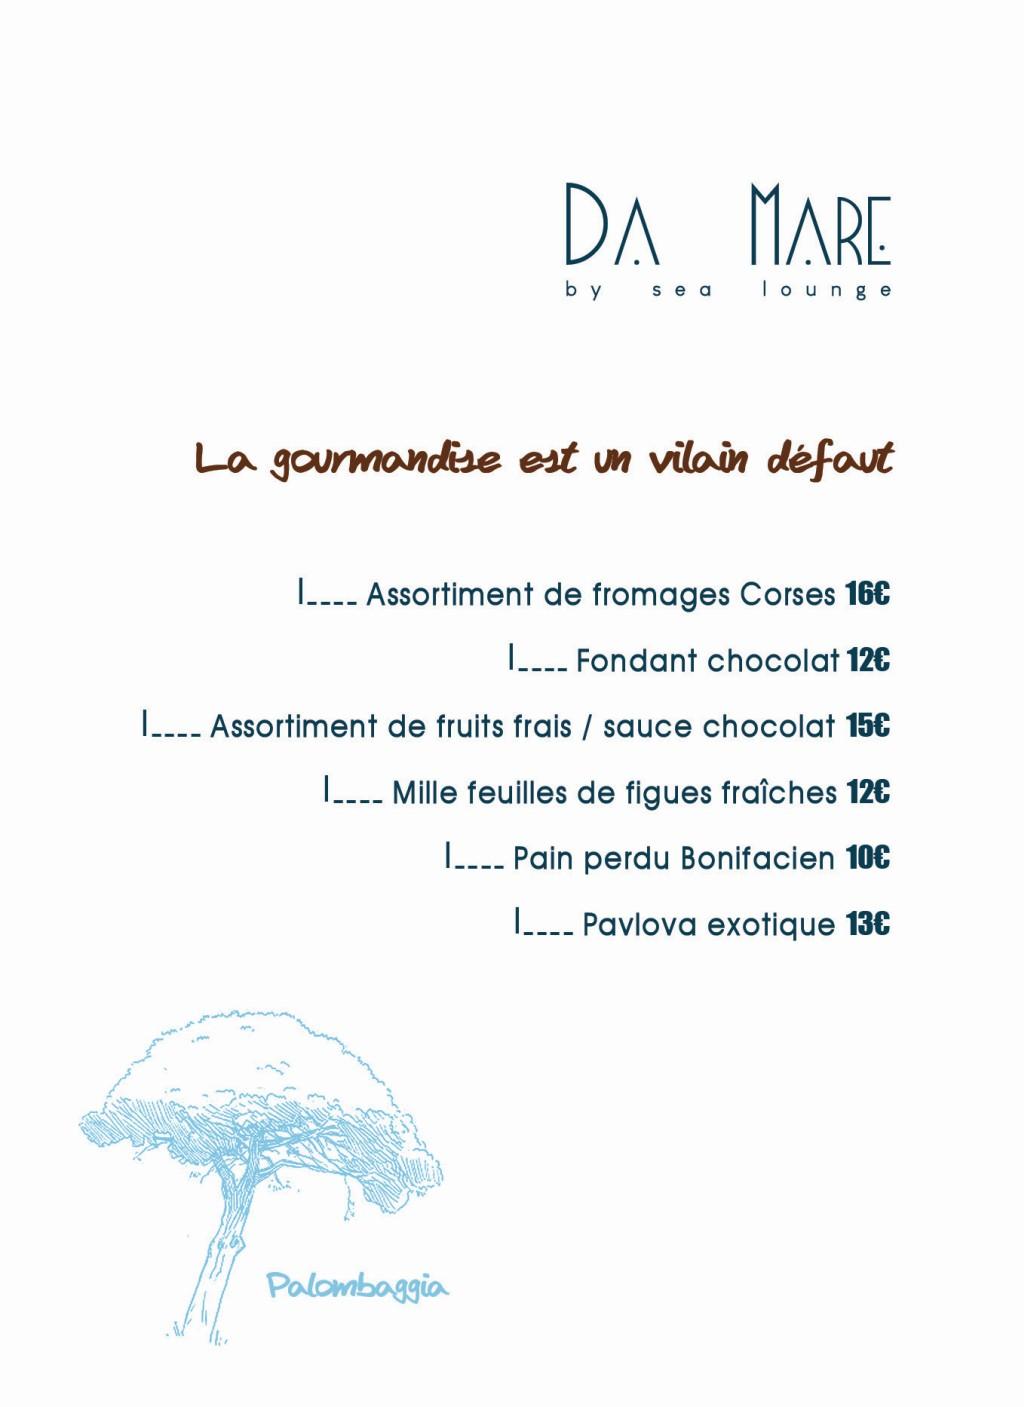 La carte des desserts Da Mare.jpg